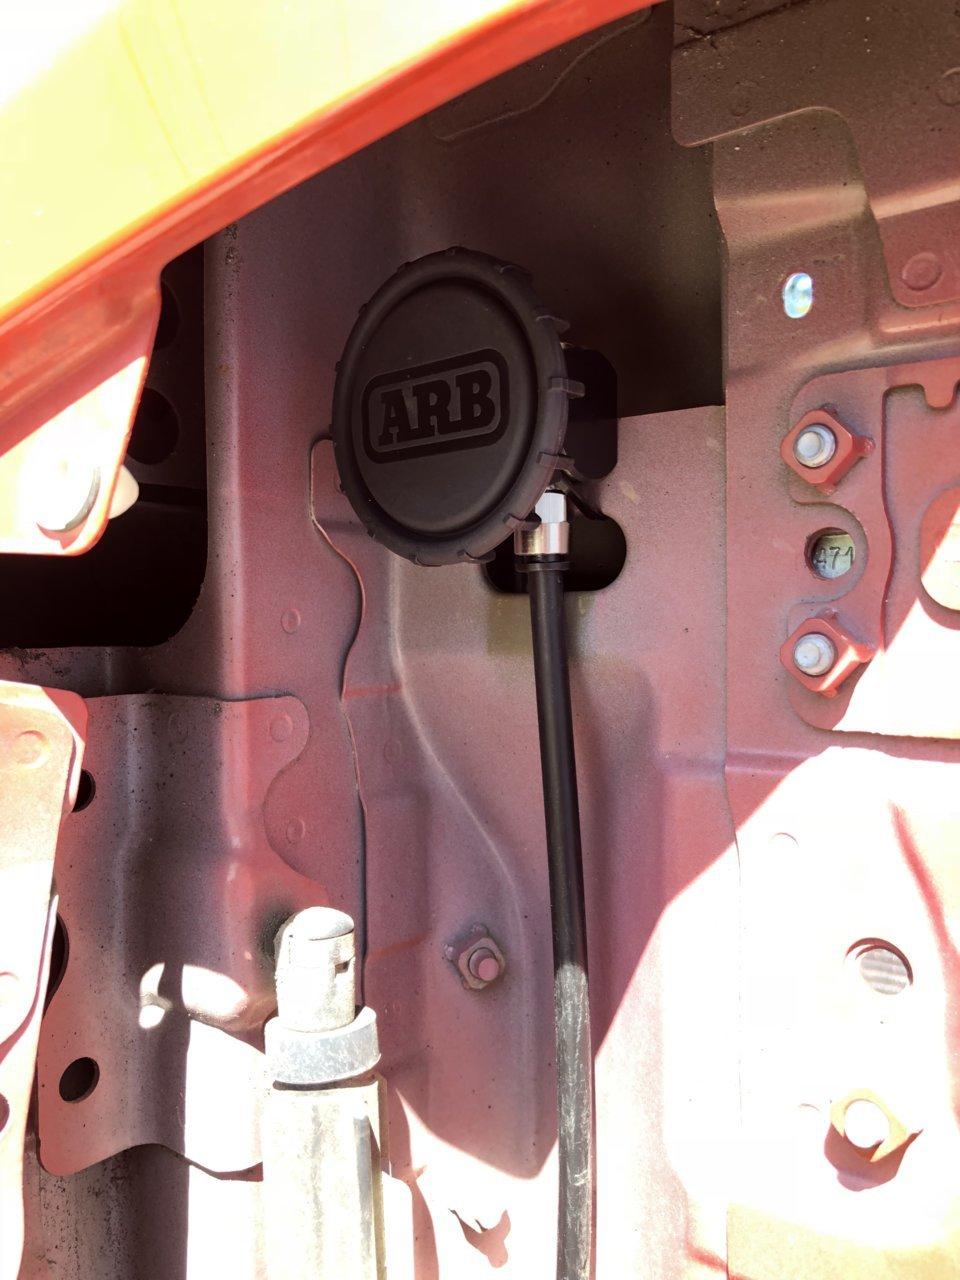 2EAD3C20-4960-42E6-8DBB-3DD3FEB5D5F5.jpg